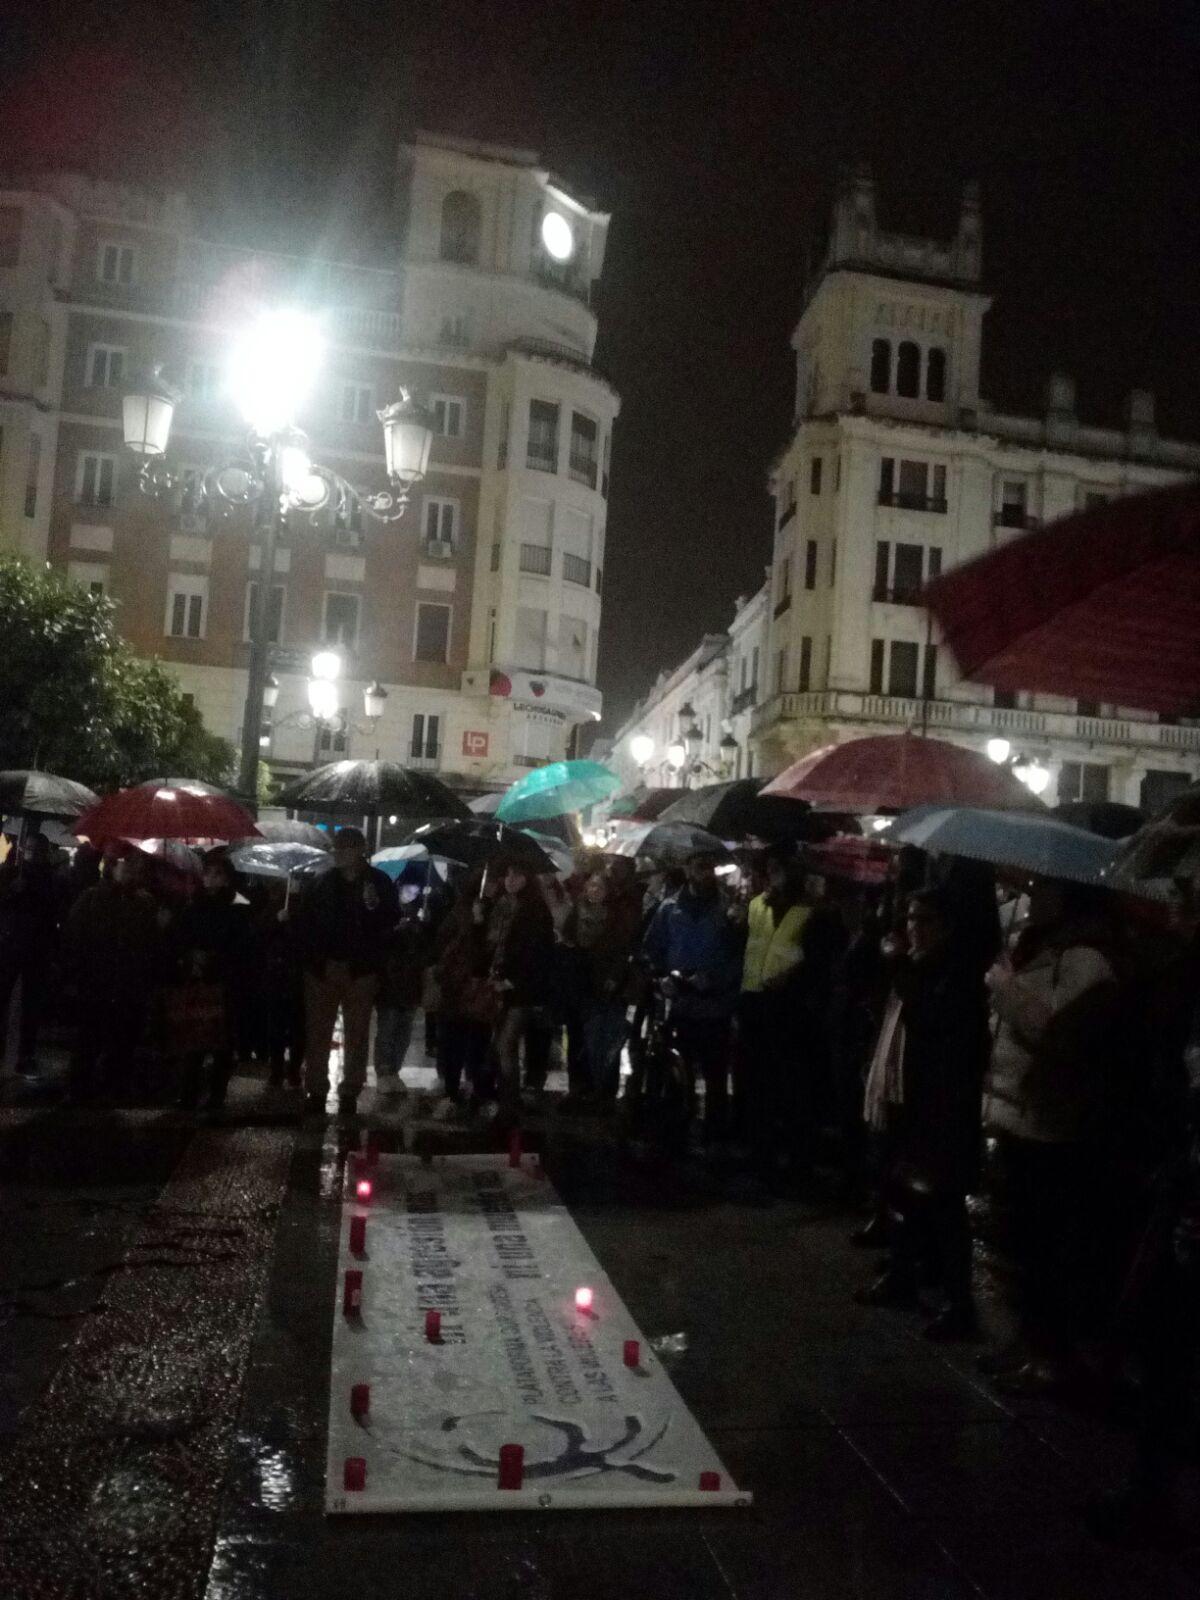 Anoche arrancó la Huelga Feminista en Córdoba con una concentración multitudinaria y festiva bajo la lluvia